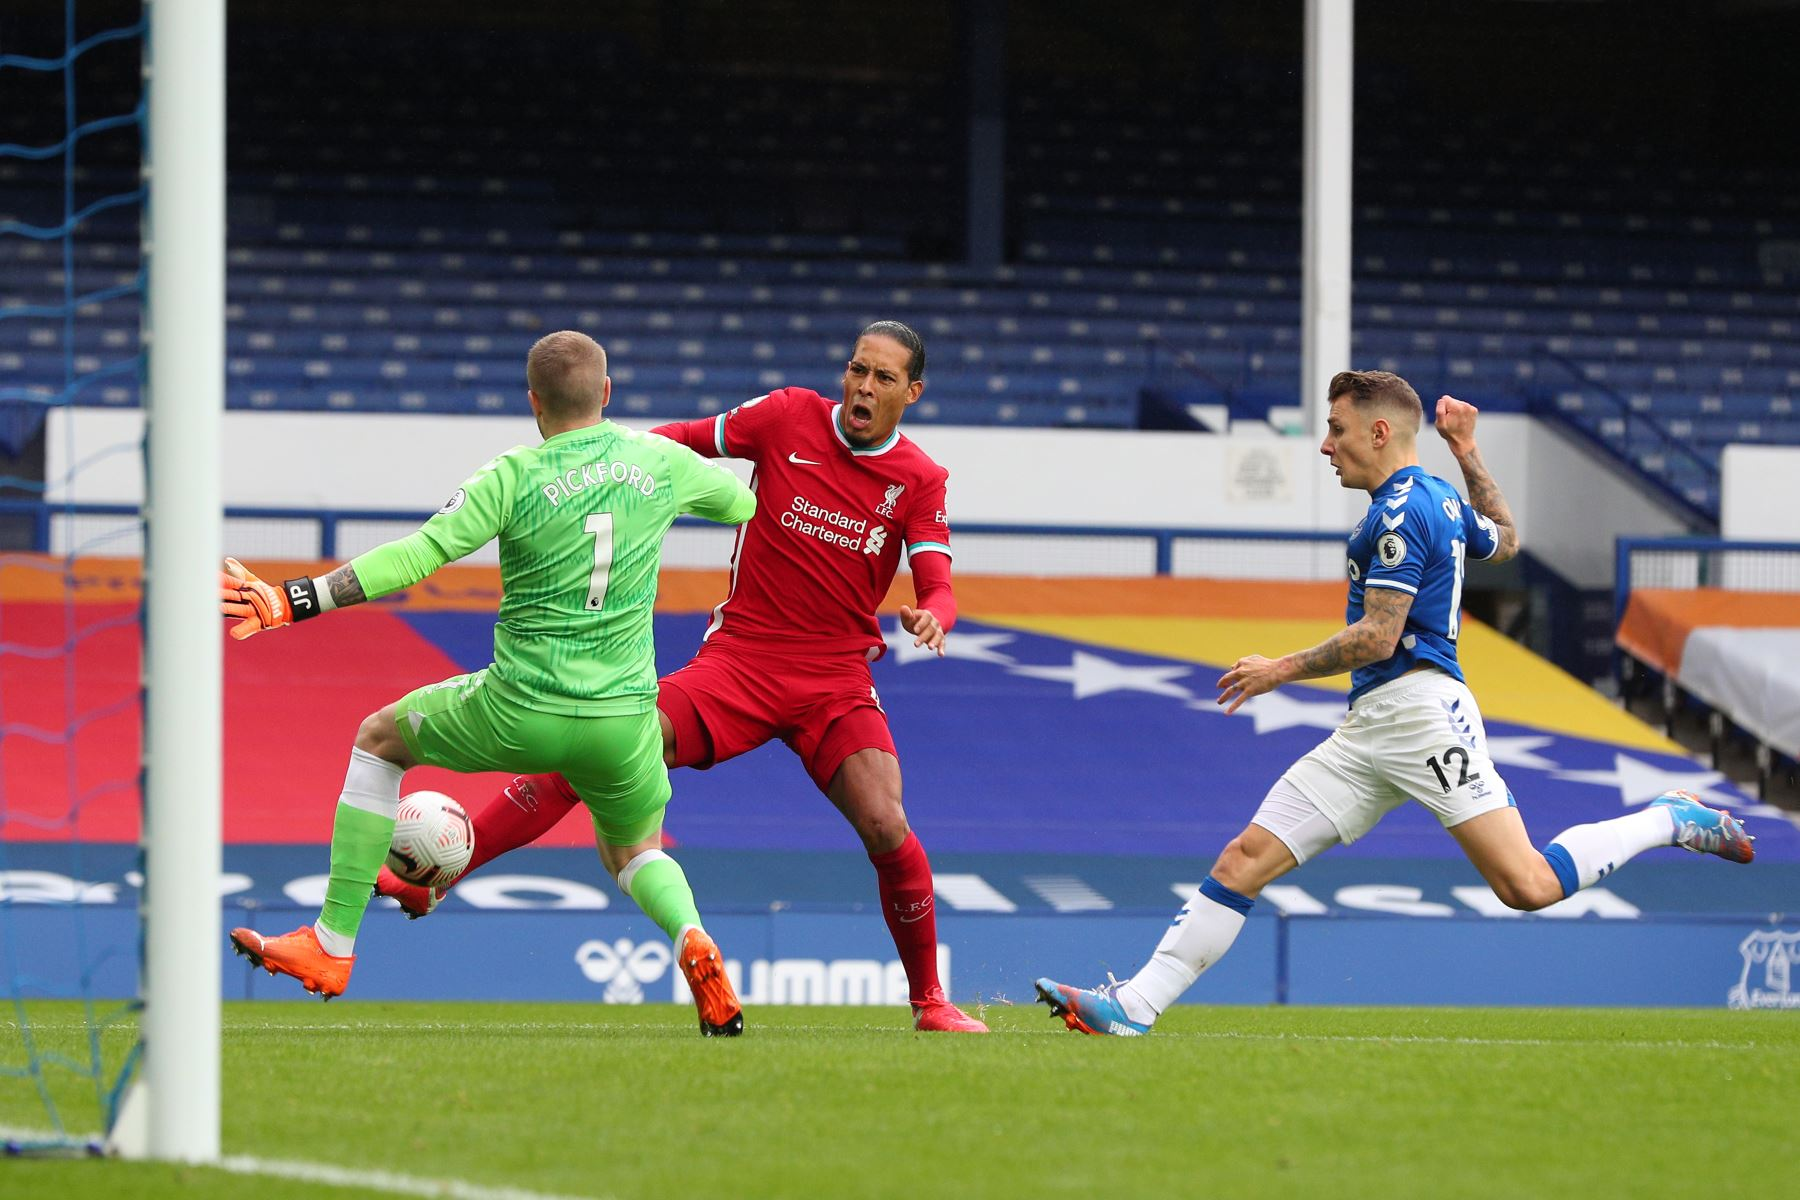 El portero inglés de Everton, Jordan Pickford, aborda al defensor holandés de Liverpool Virgil van Dijk durante el partido de fútbol de la Premier League en Goodison Park, Liverpool. Foto: AFP